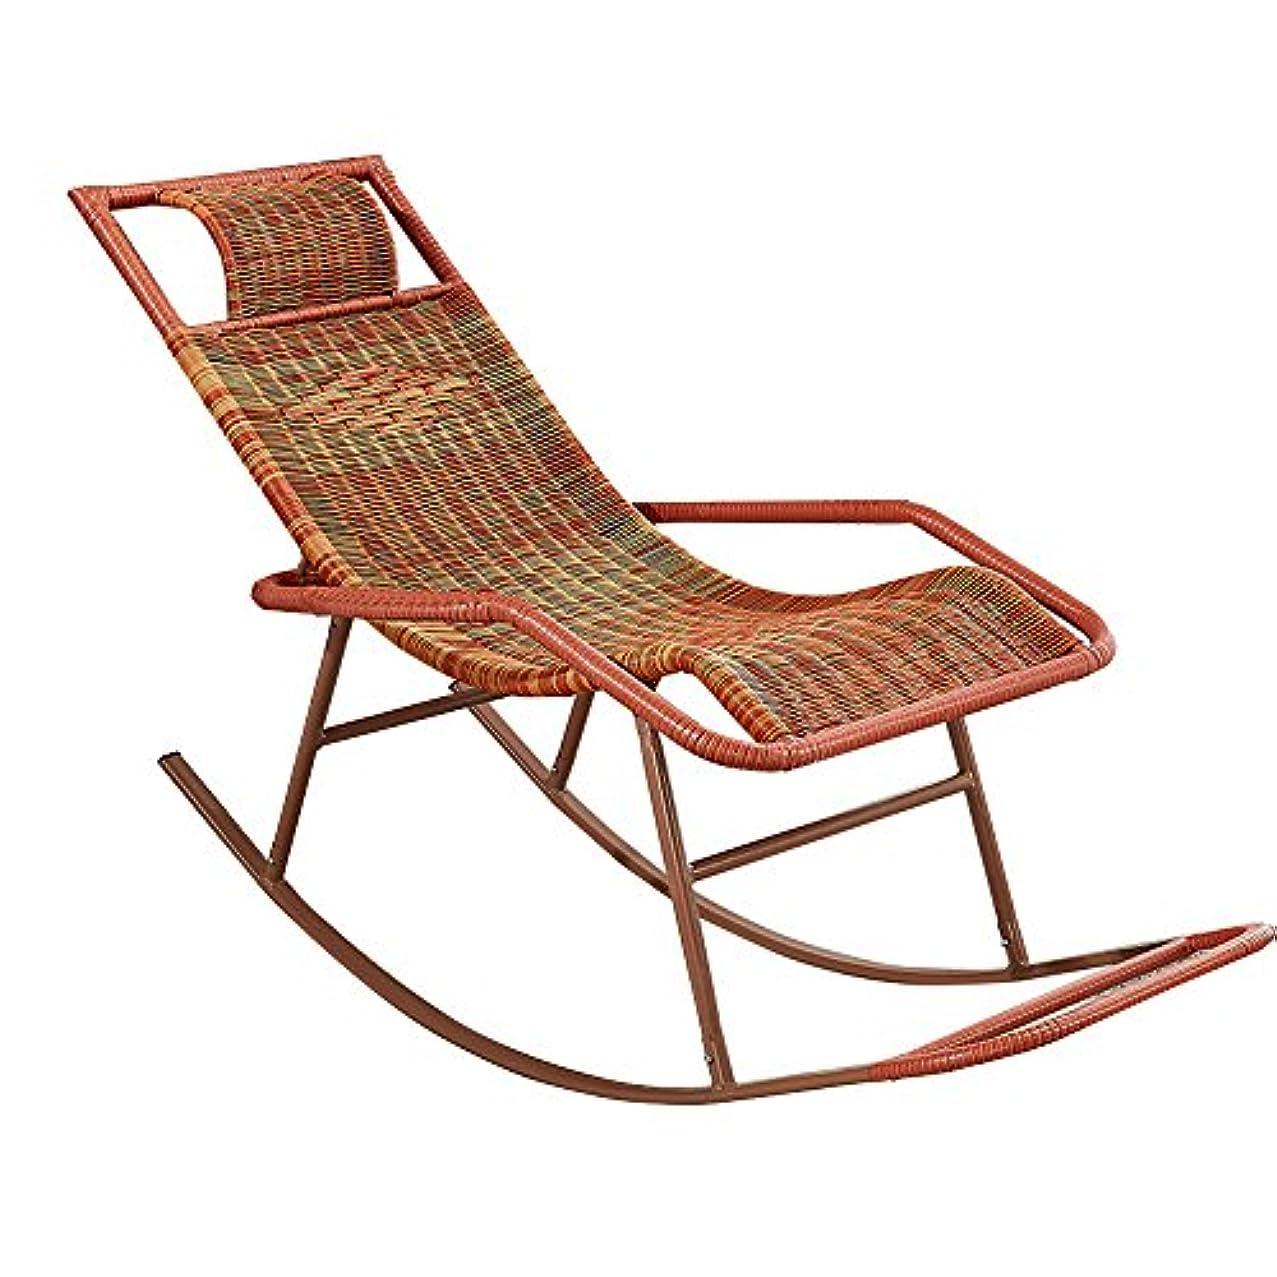 アラブ人累積光景KTYXDE ロッキングチェアの杖の椅子大人のシエスタラウンジのリビングルームのバルコニーの怠惰な椅子のイージーチェア高齢者のレジャーのロッキングチェア 折りたたみ椅子 (色 : A)